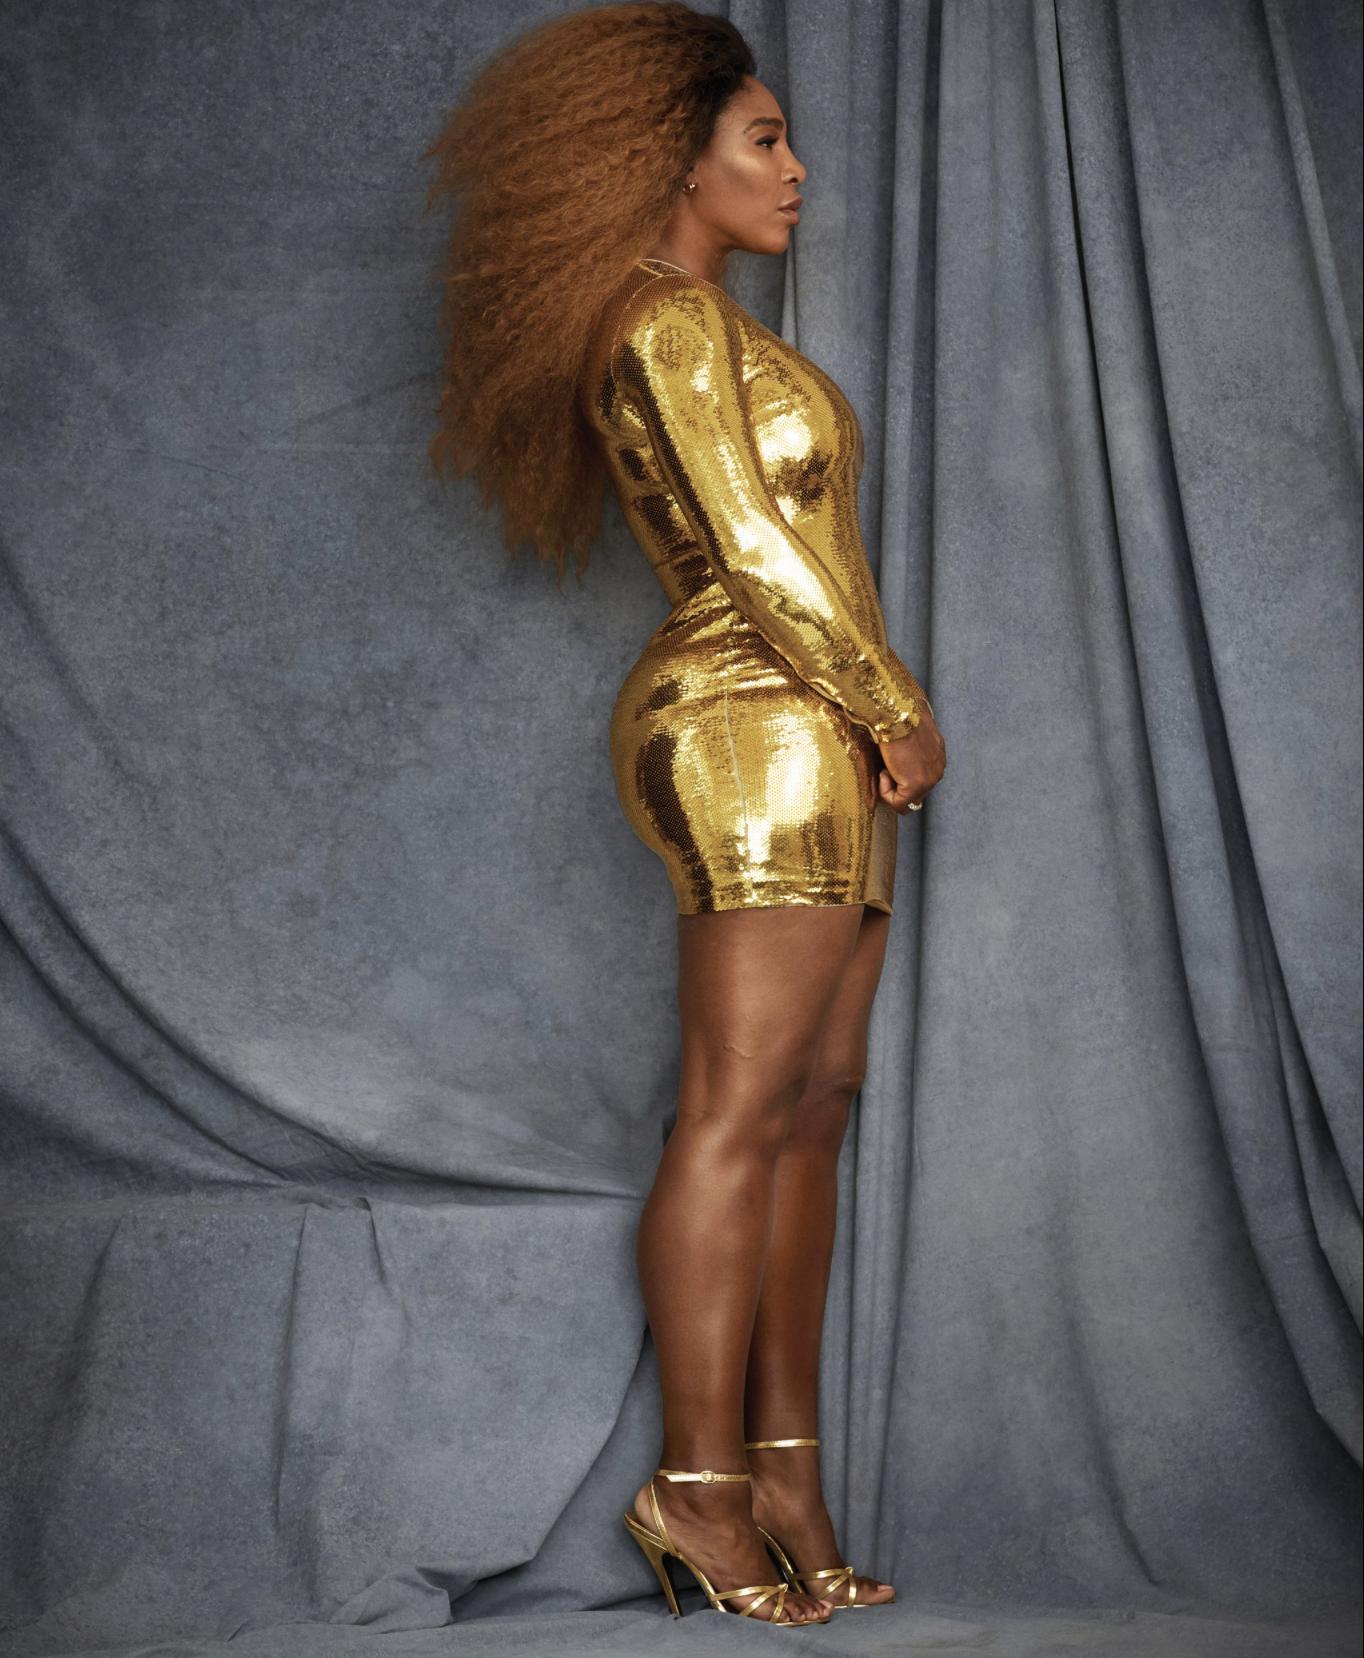 Serena Williams Cover